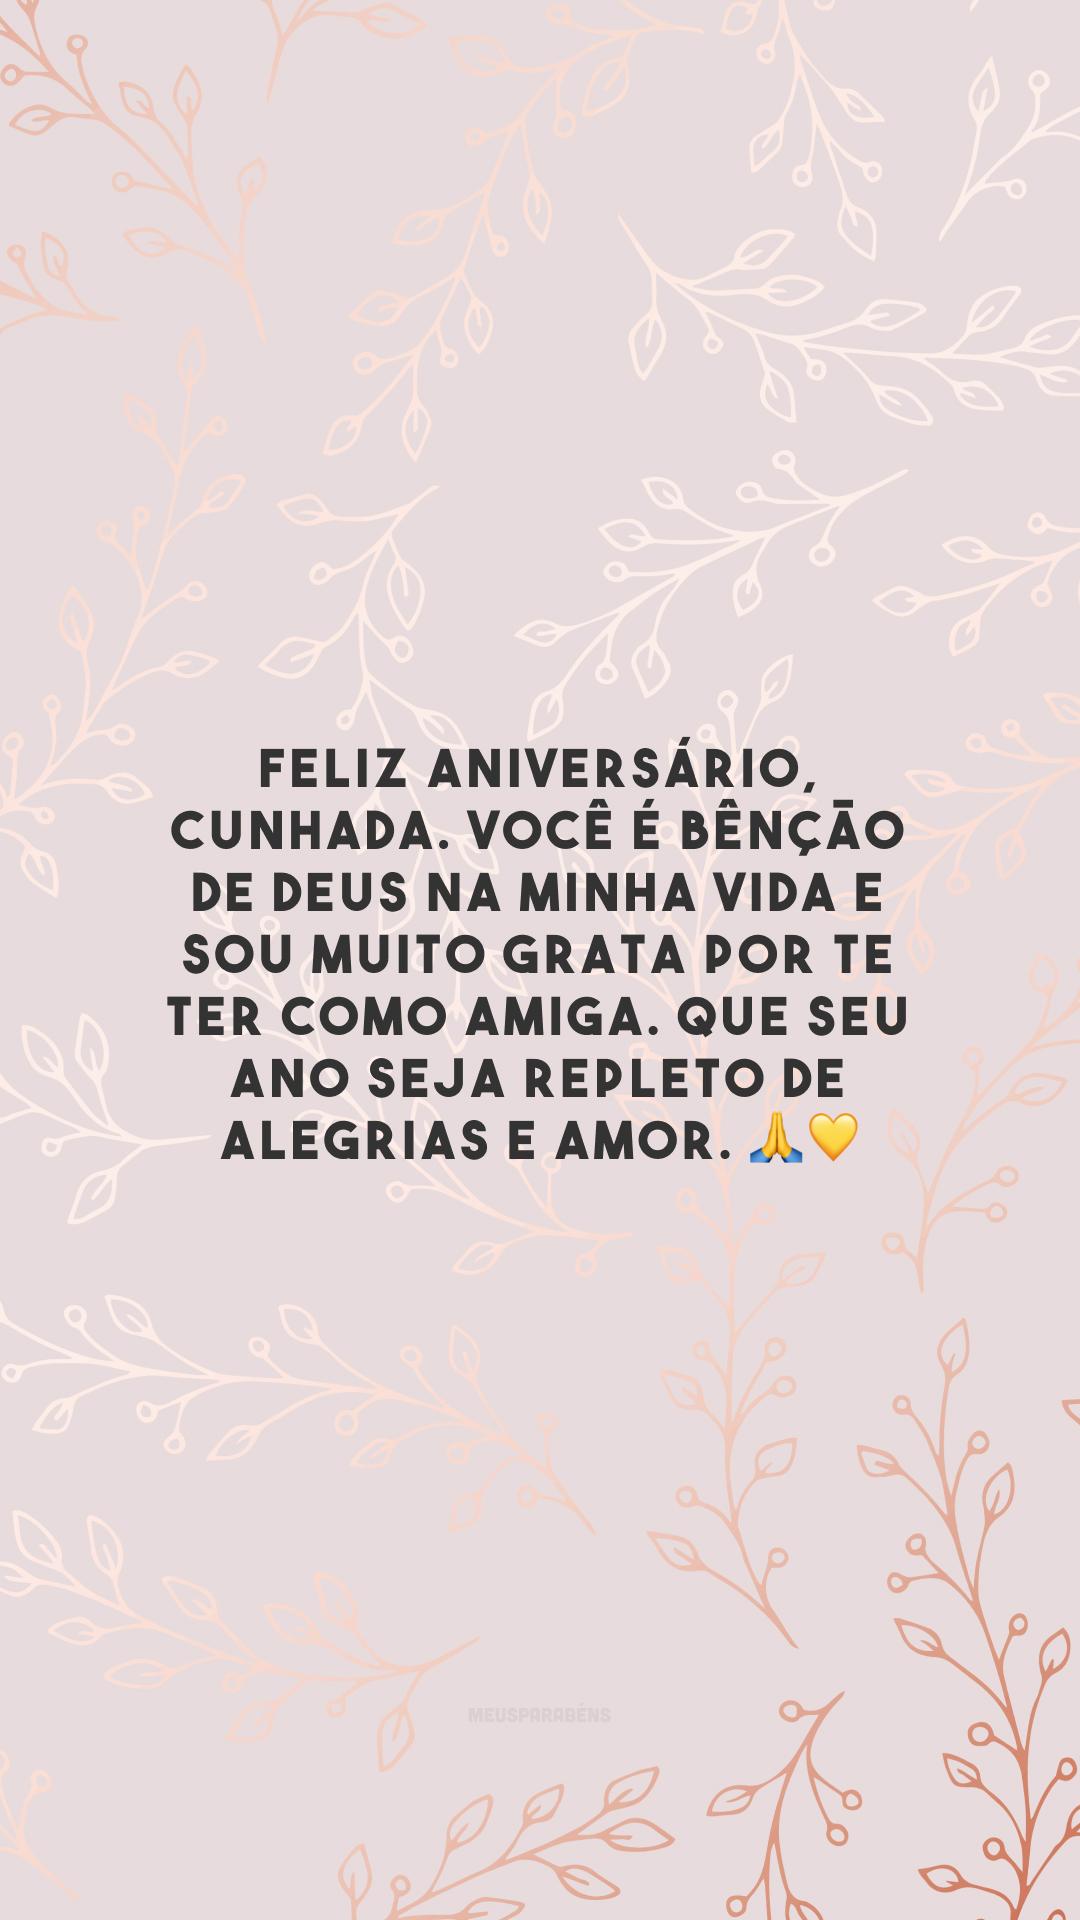 Feliz aniversário, cunhada. Você é bênção de Deus na minha vida e sou muito grata por te ter como amiga. Que seu ano seja repleto de alegrias e amor. 🙏💛